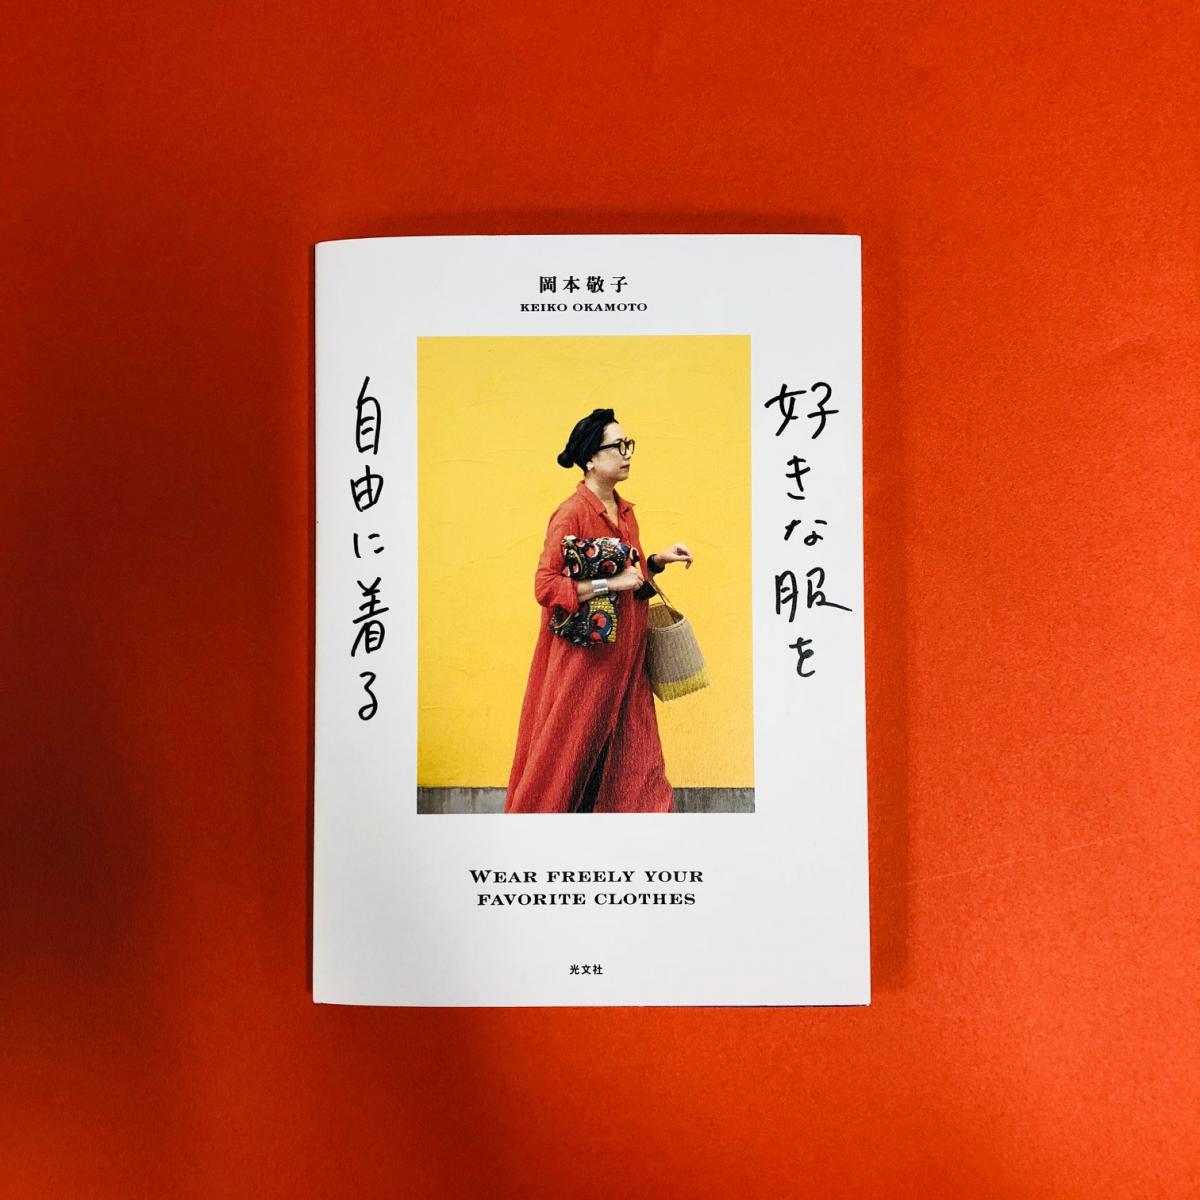 『好きな服を自由に着る』岡本敬子著・光文社刊